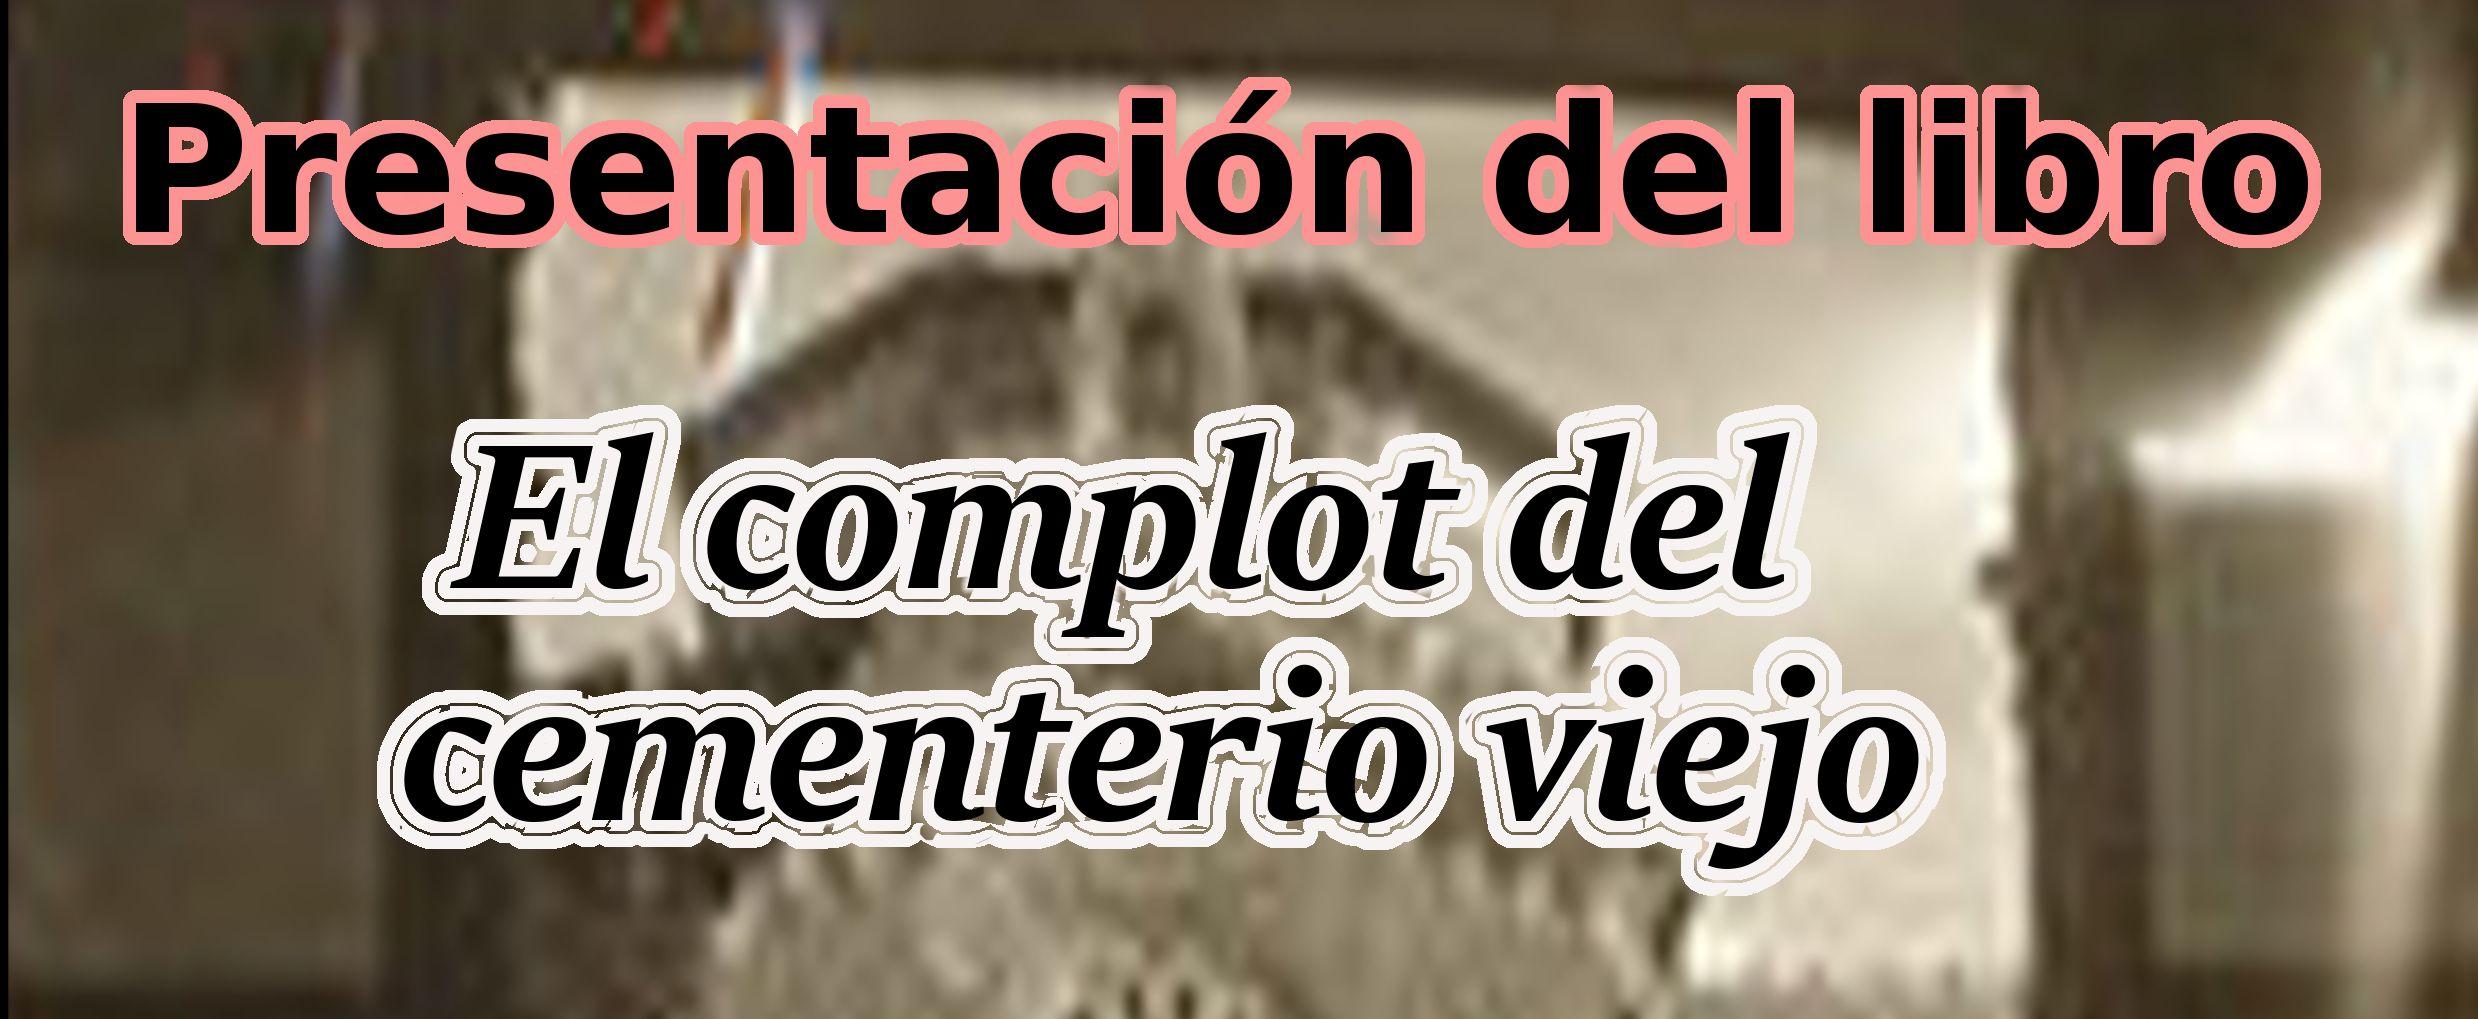 presentacion_el_complot.jpg